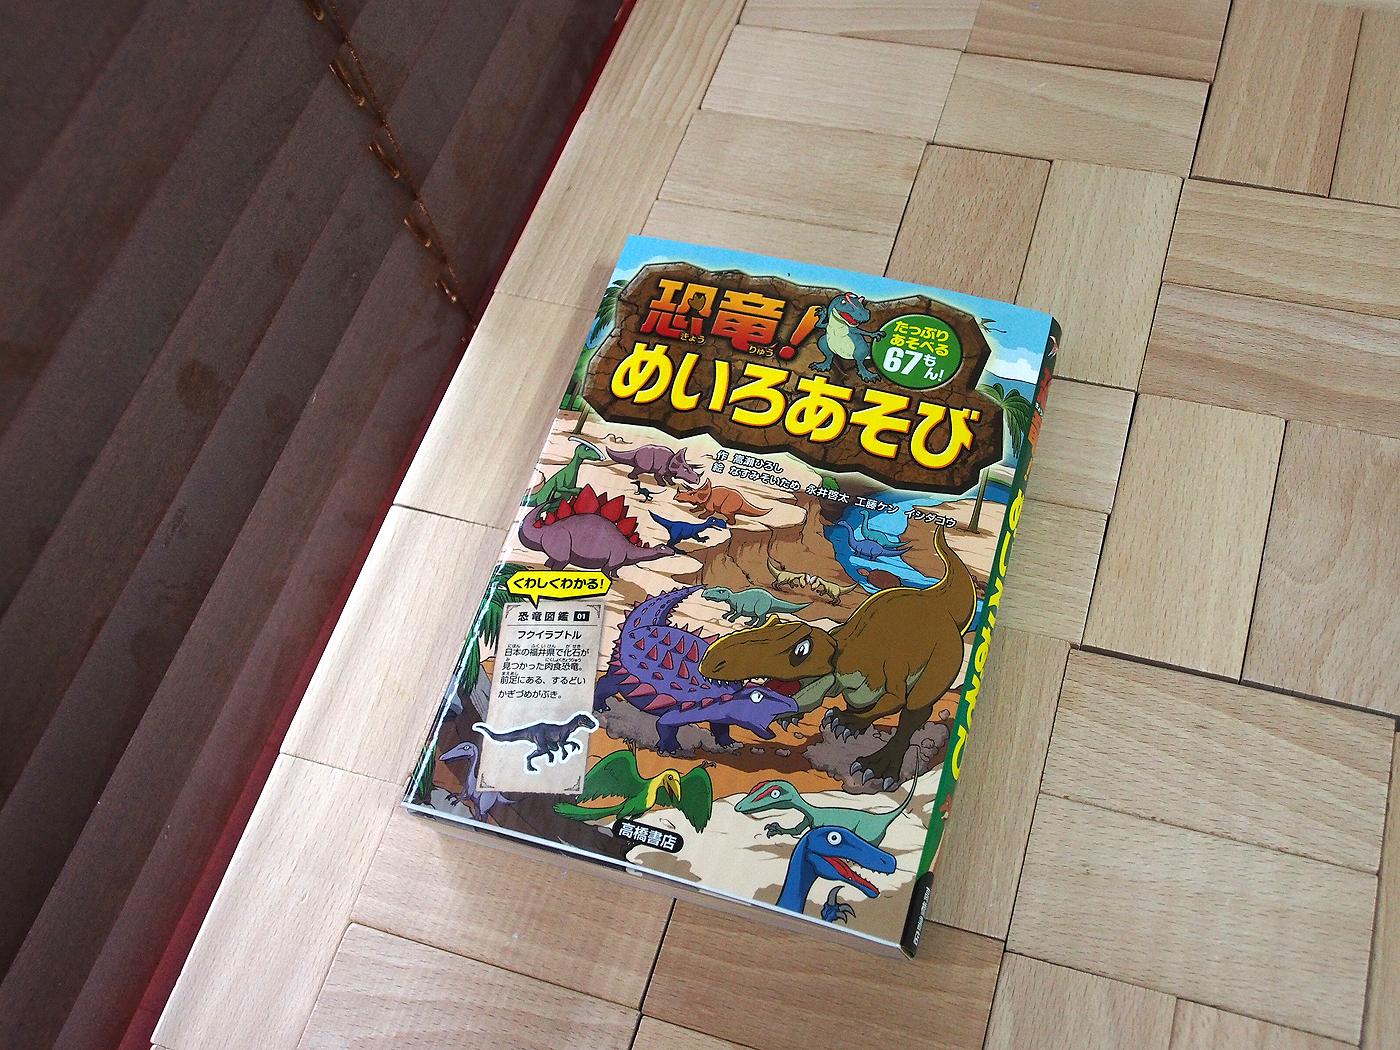 恐竜めいろあそび、表紙